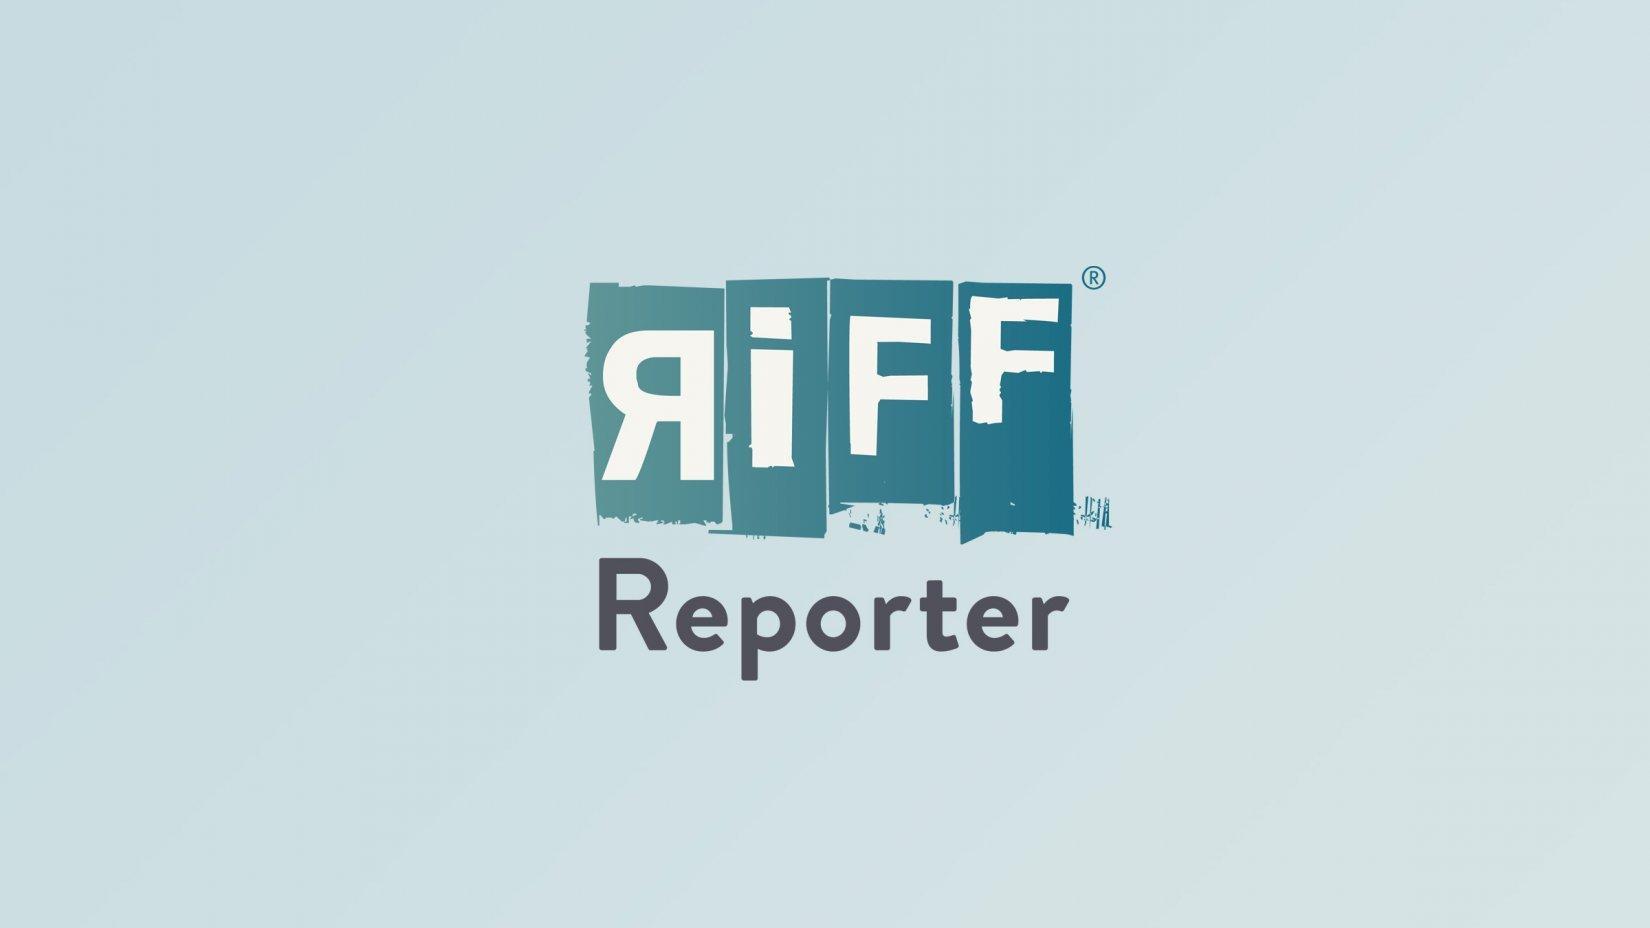 Grafik: Eine kleine Sonde mit einem quadratischen, silbrigen Segel, daneben die Sonne